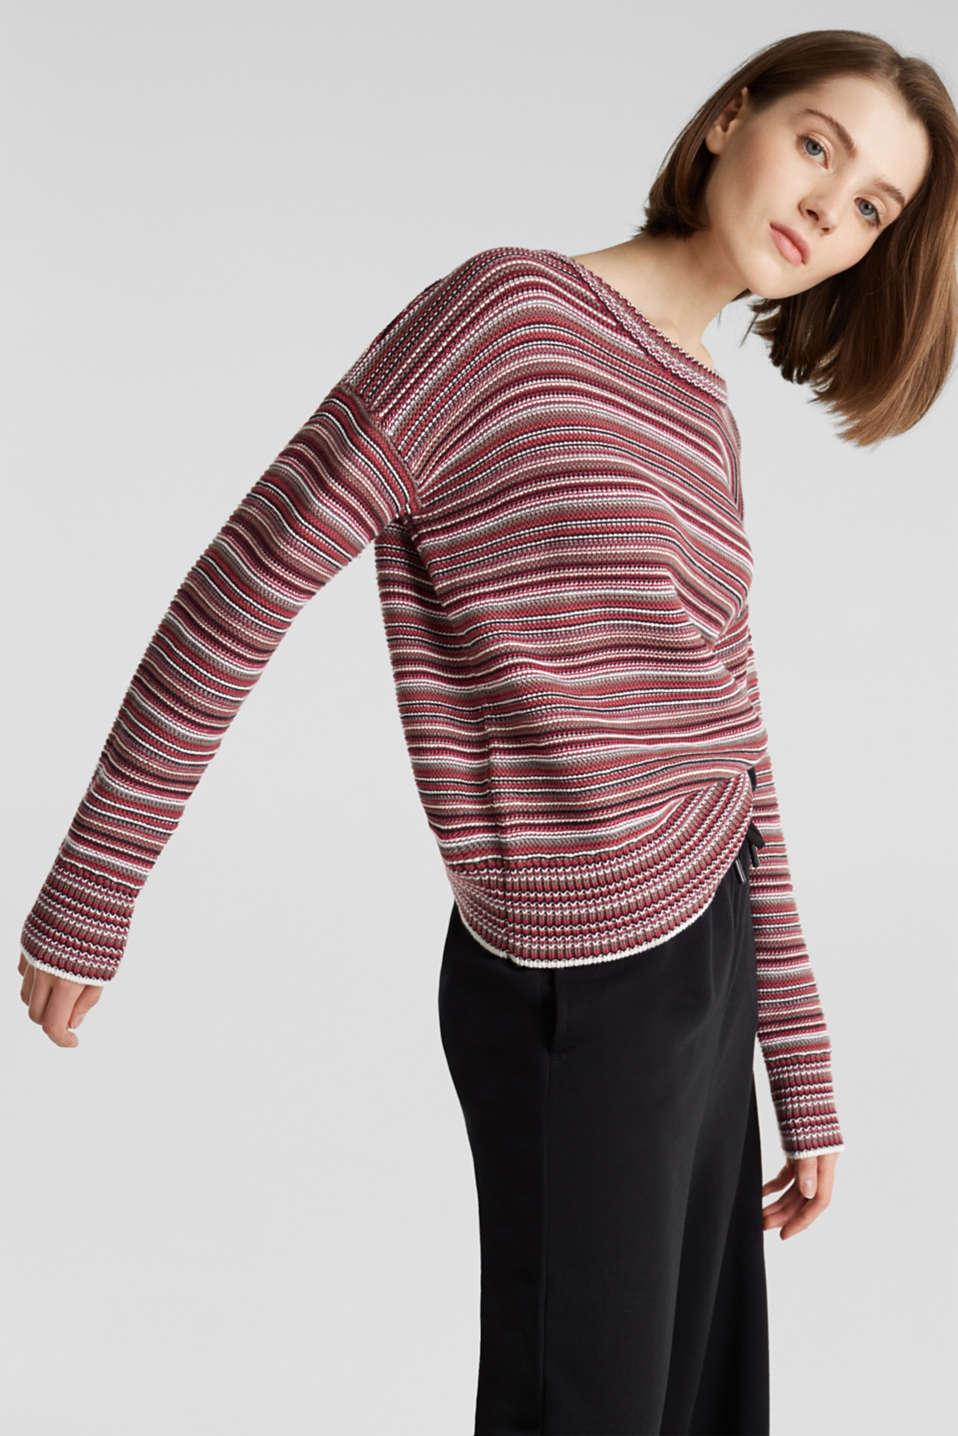 edc Pullover mit Streifen Struktur im Online Shop kaufen